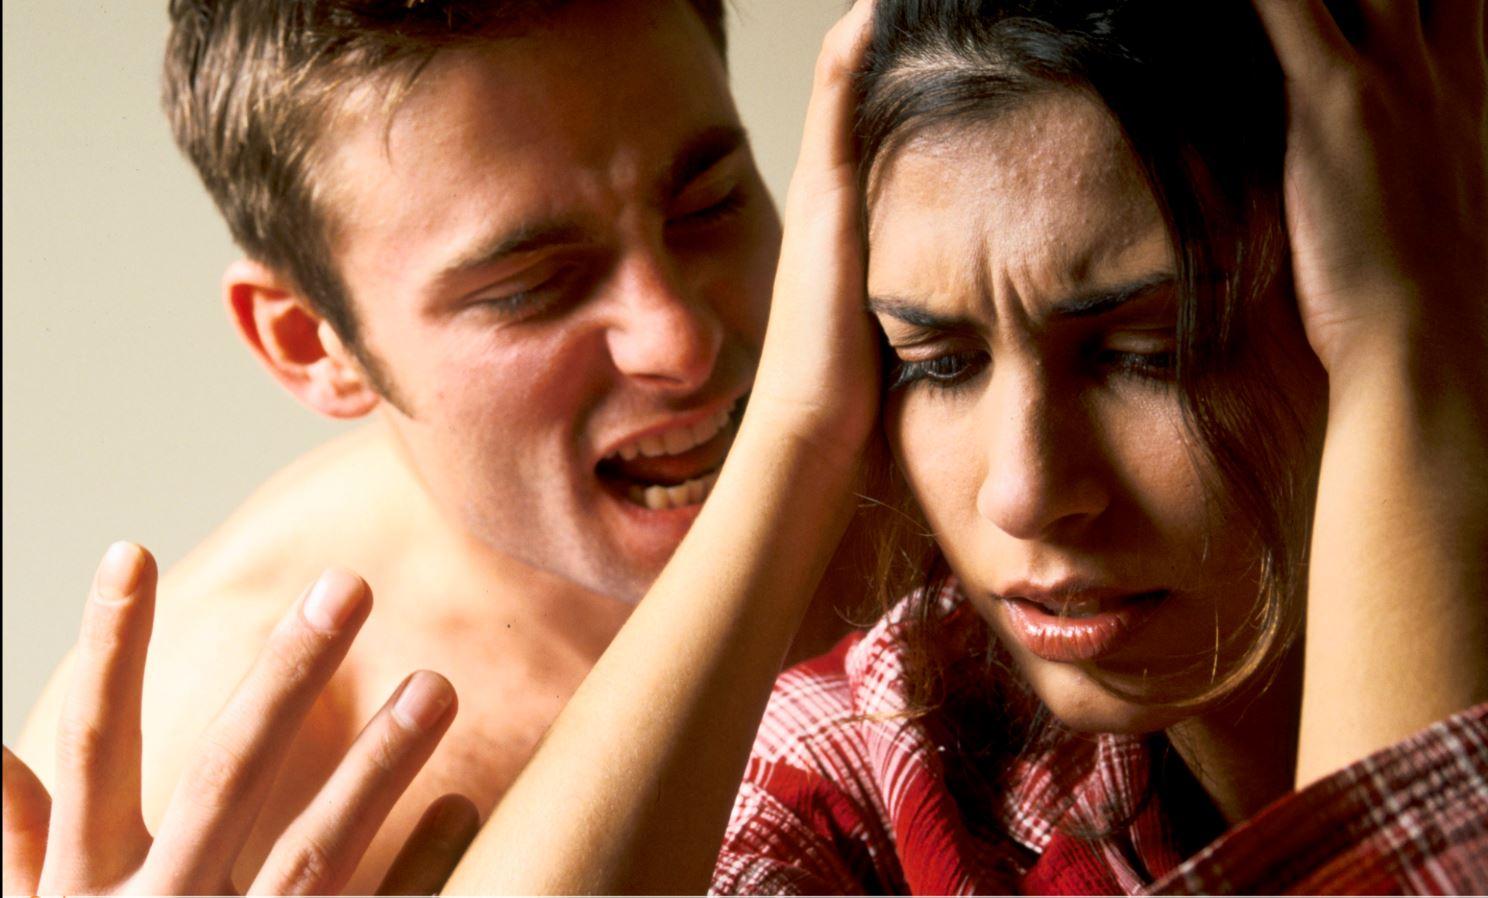 Las relaciones de maltrato: algunas reflexiones para entender lo ...